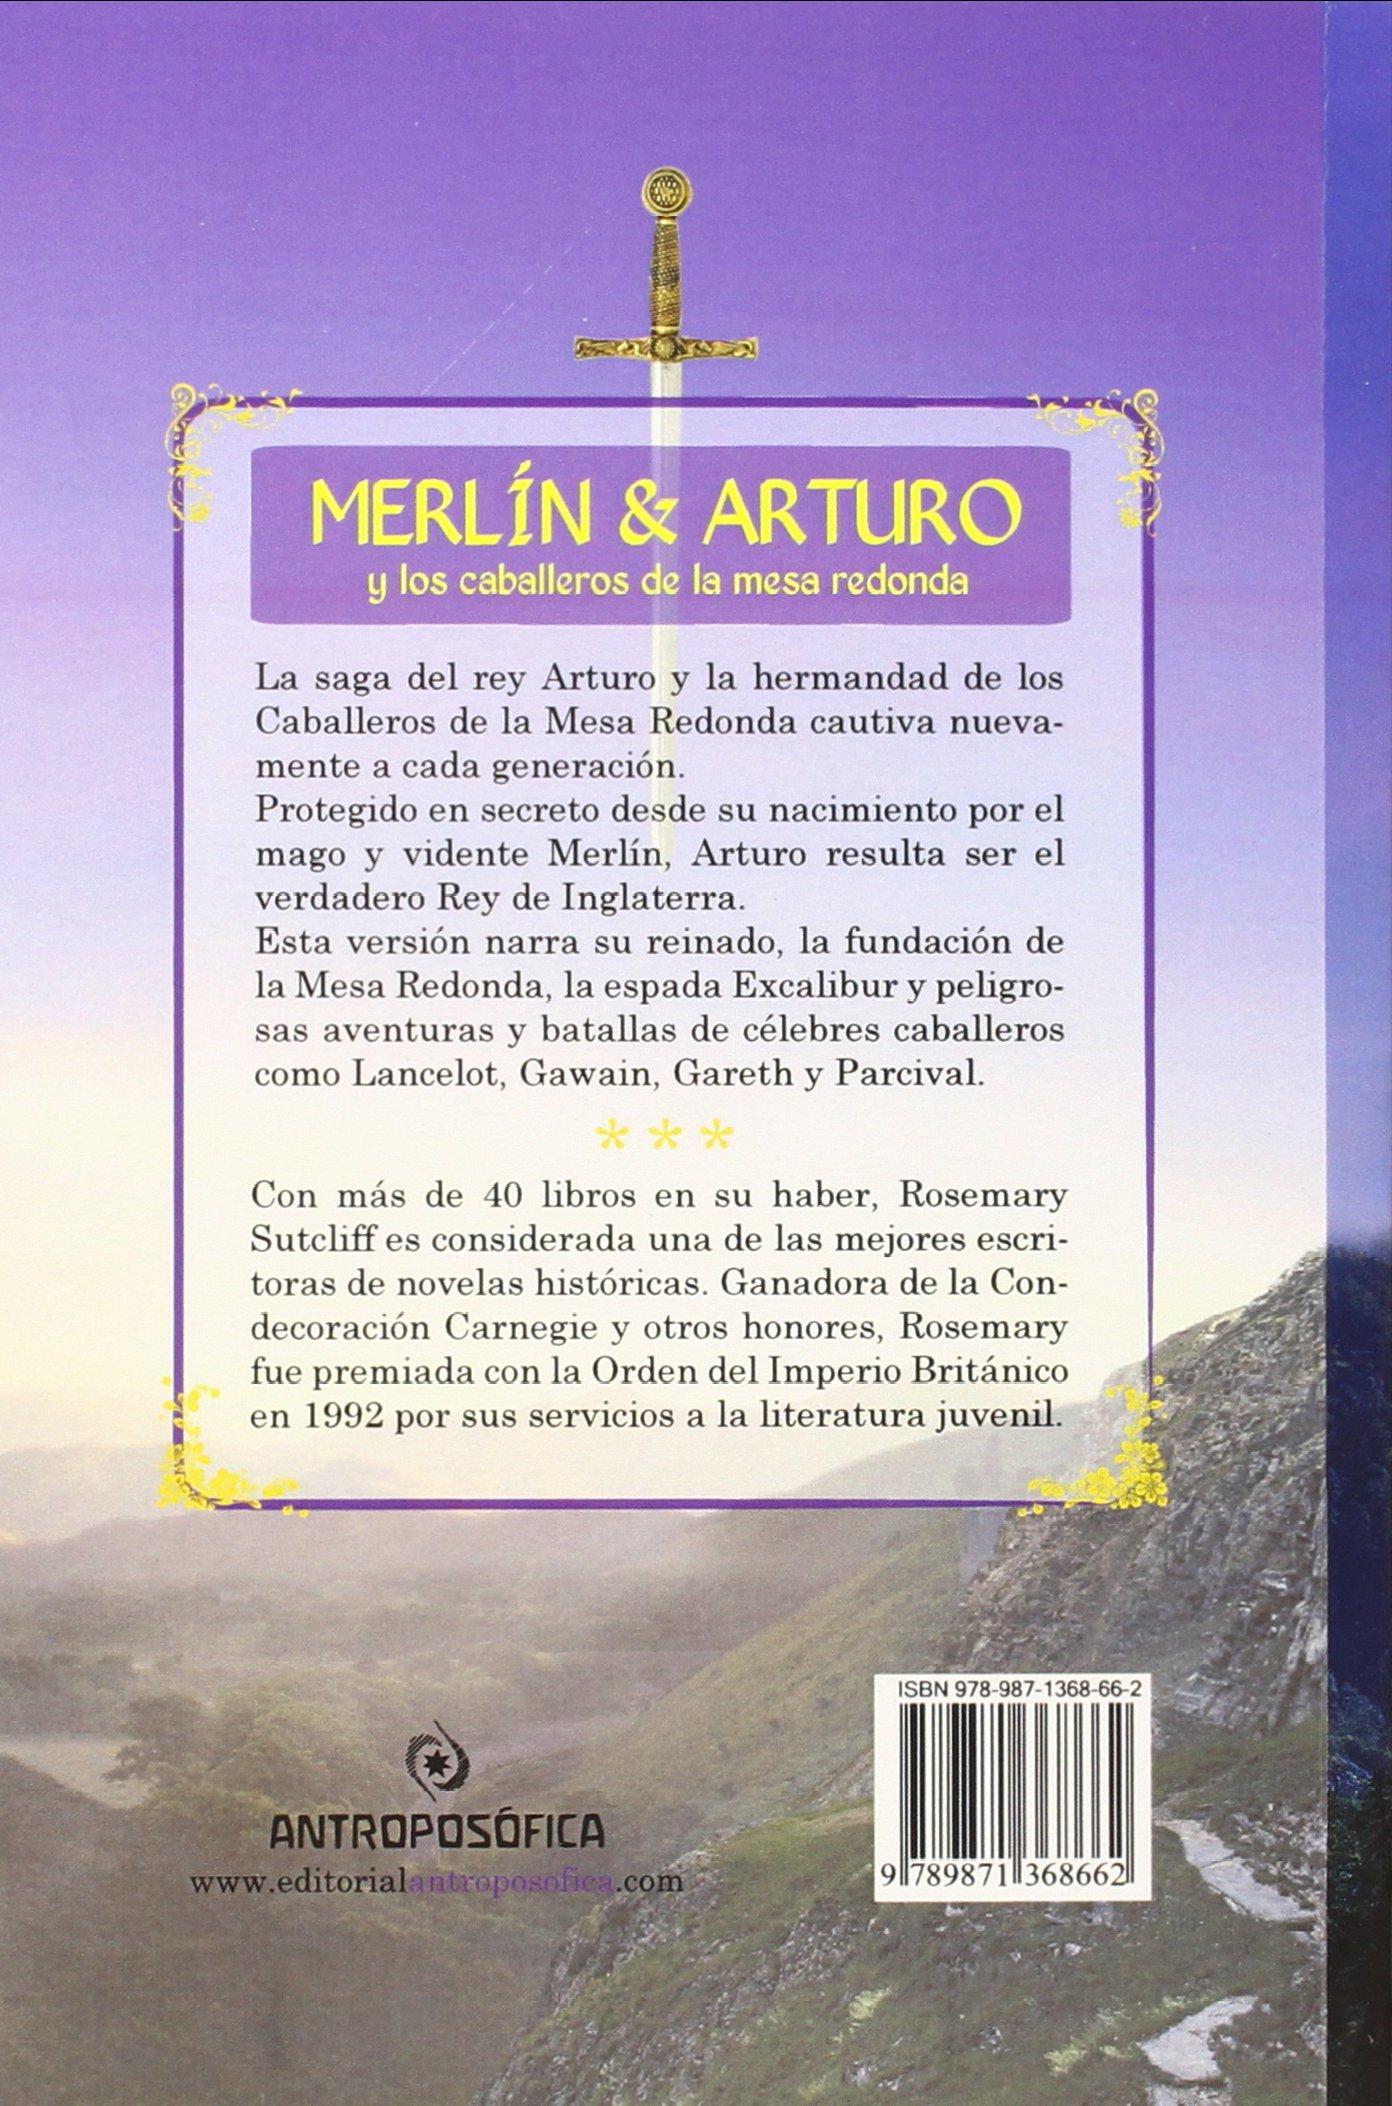 MERLIN Y ARTURO Y LOS CABALLEROS DE LA MESA REDONDA (Spanish Edition): ROSEMARY SUTCLIFF: 9789871368662: Amazon.com: Books